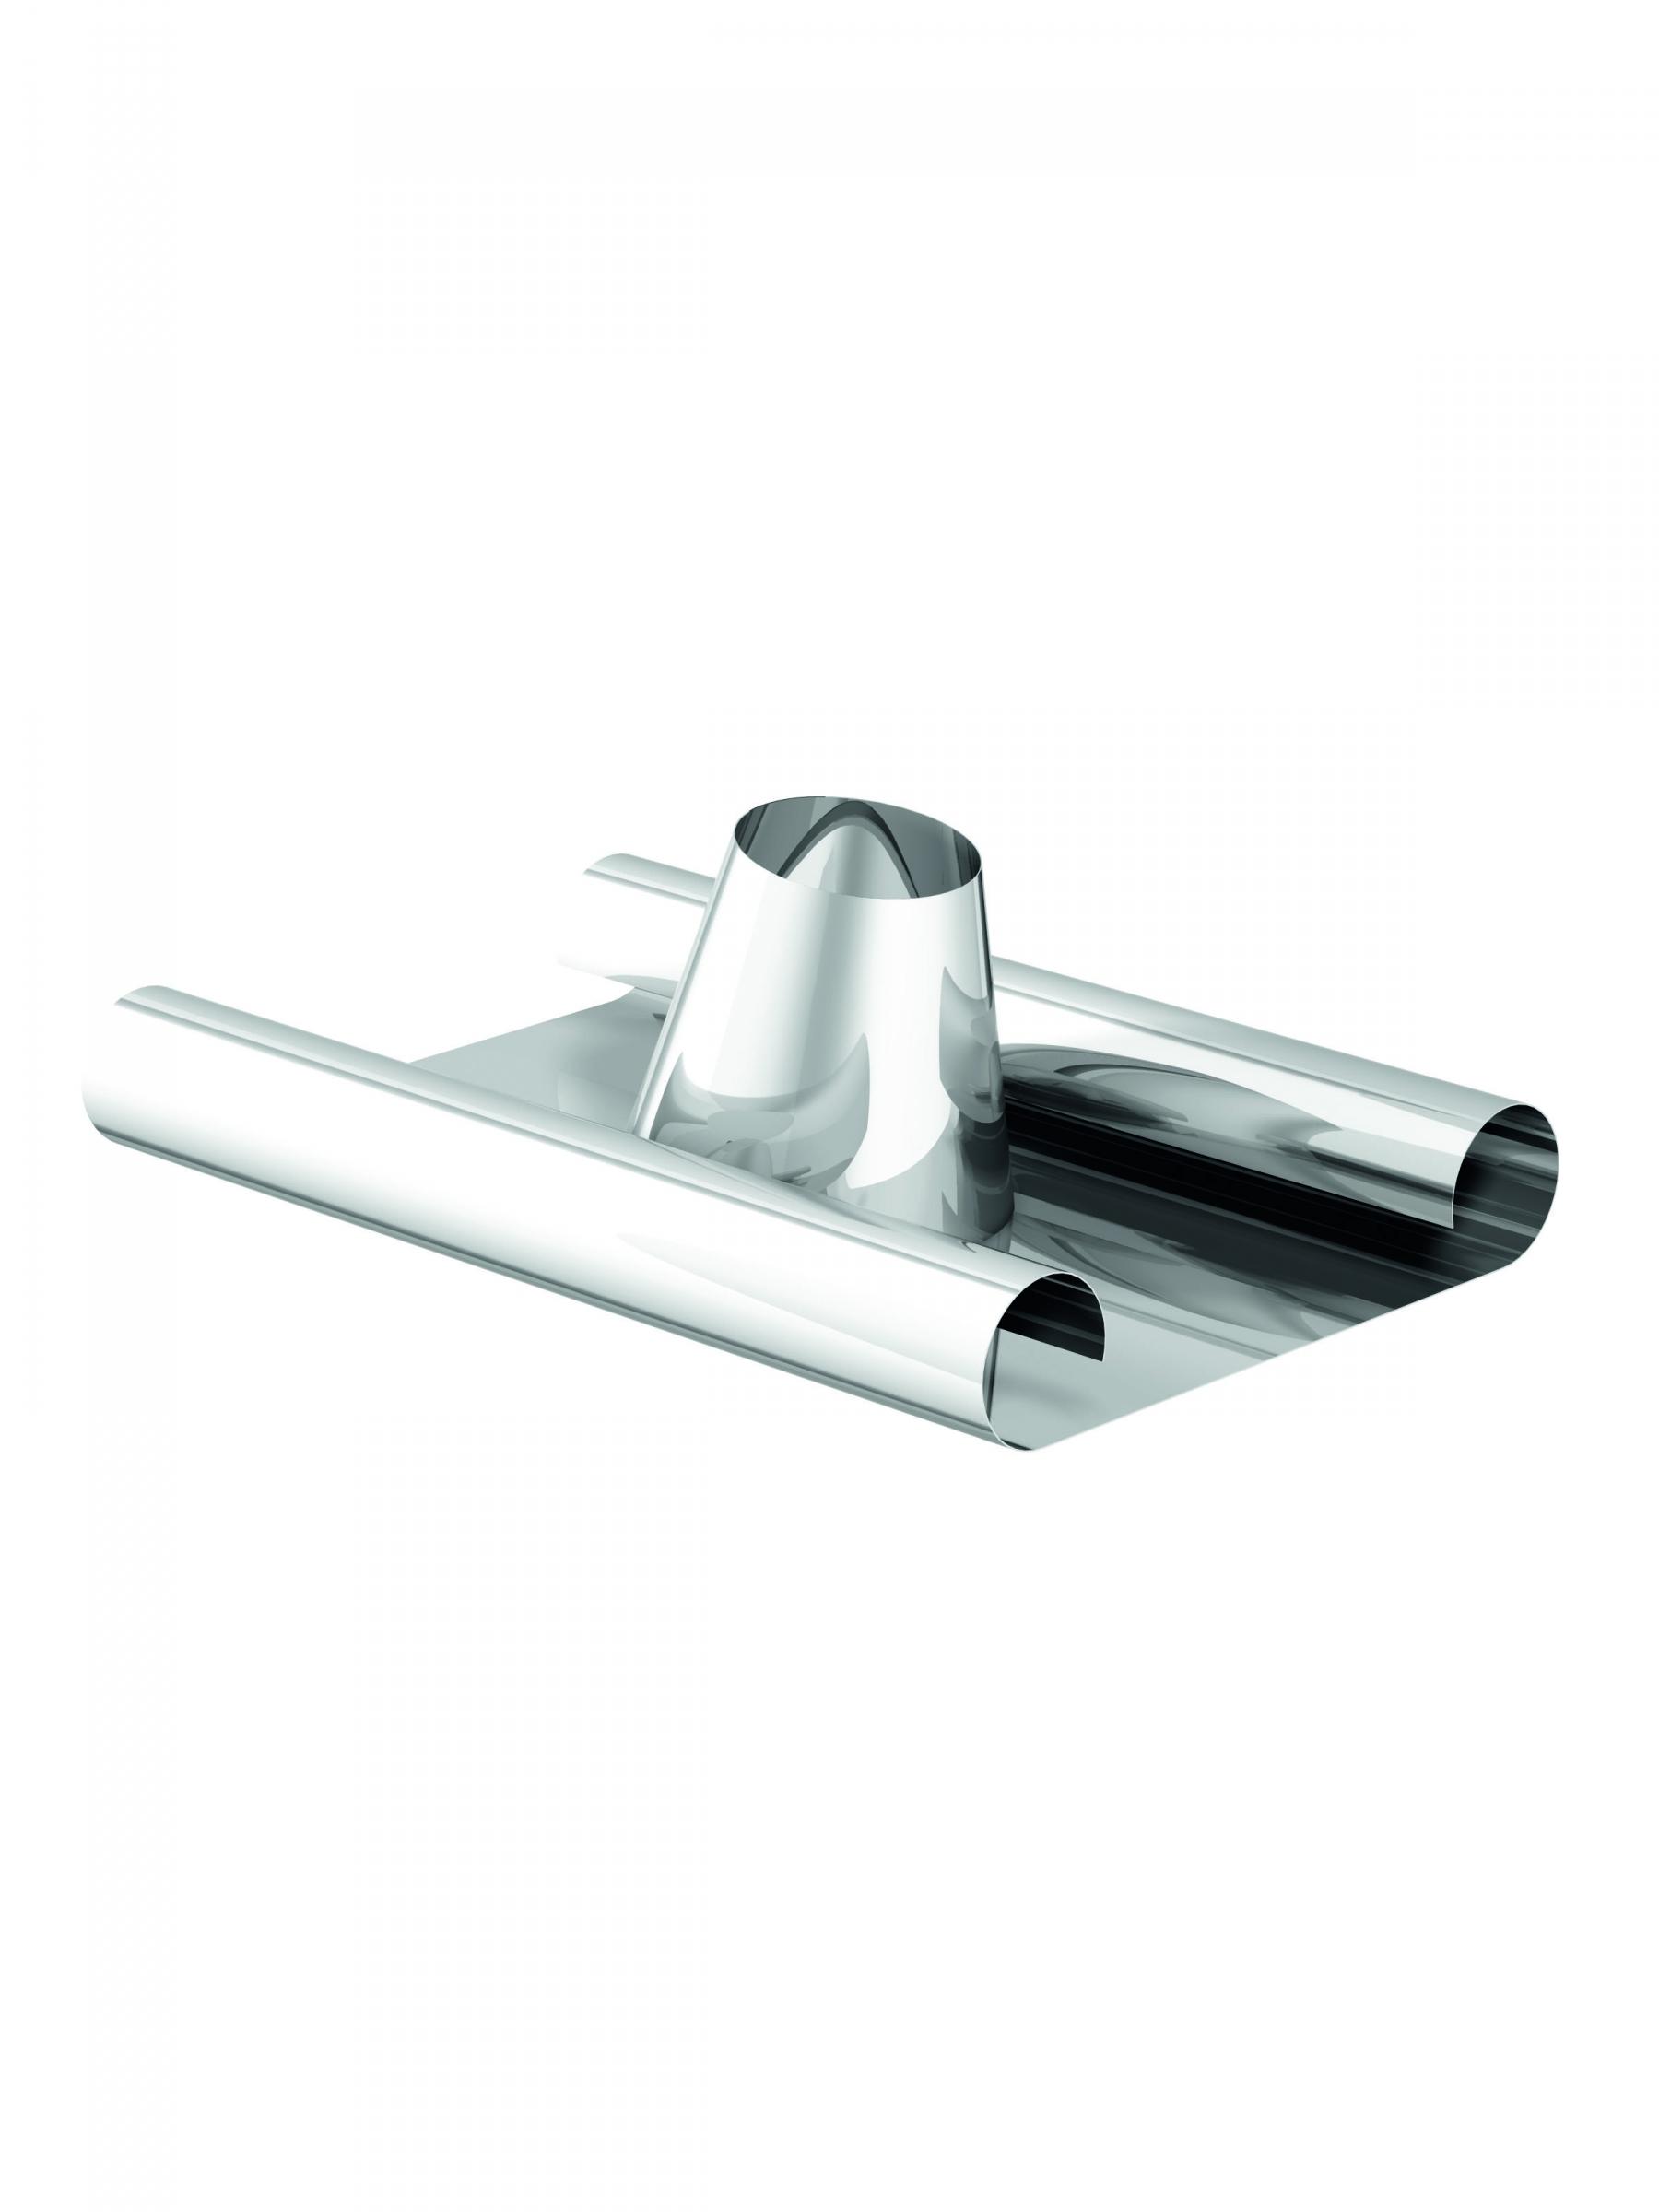 Solin pour toit de 10 35 r f conduits de fum e tuyaux et conduits pour po les - Sortie de cheminee pour bac acier ...